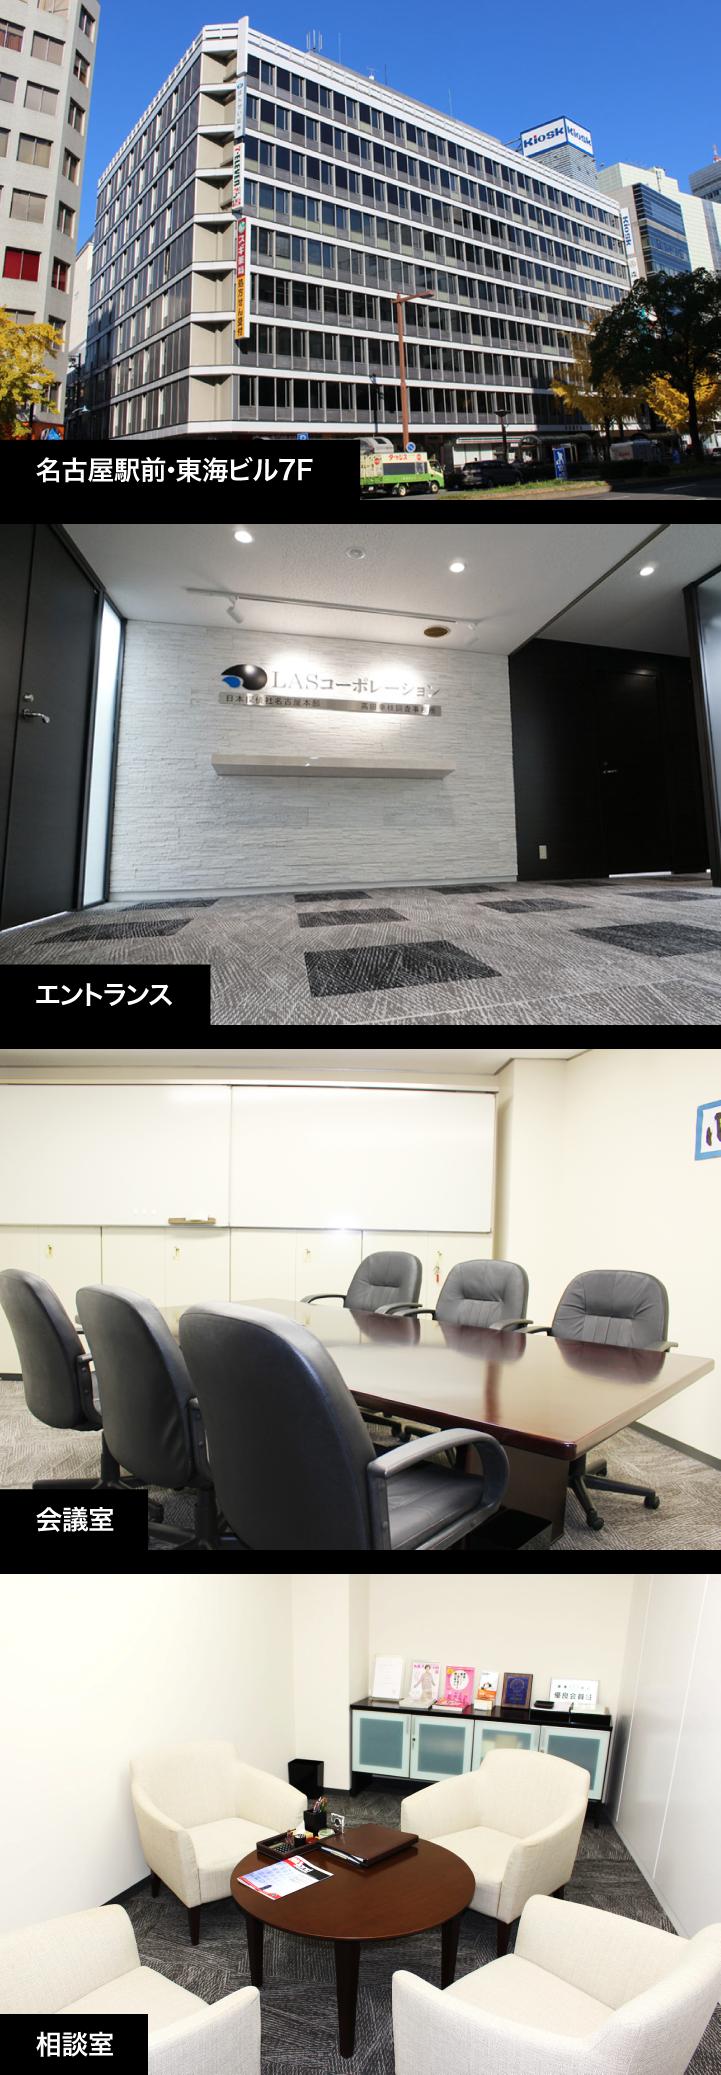 当探偵社名古屋駅のビル・エントランス・会議室・相談室